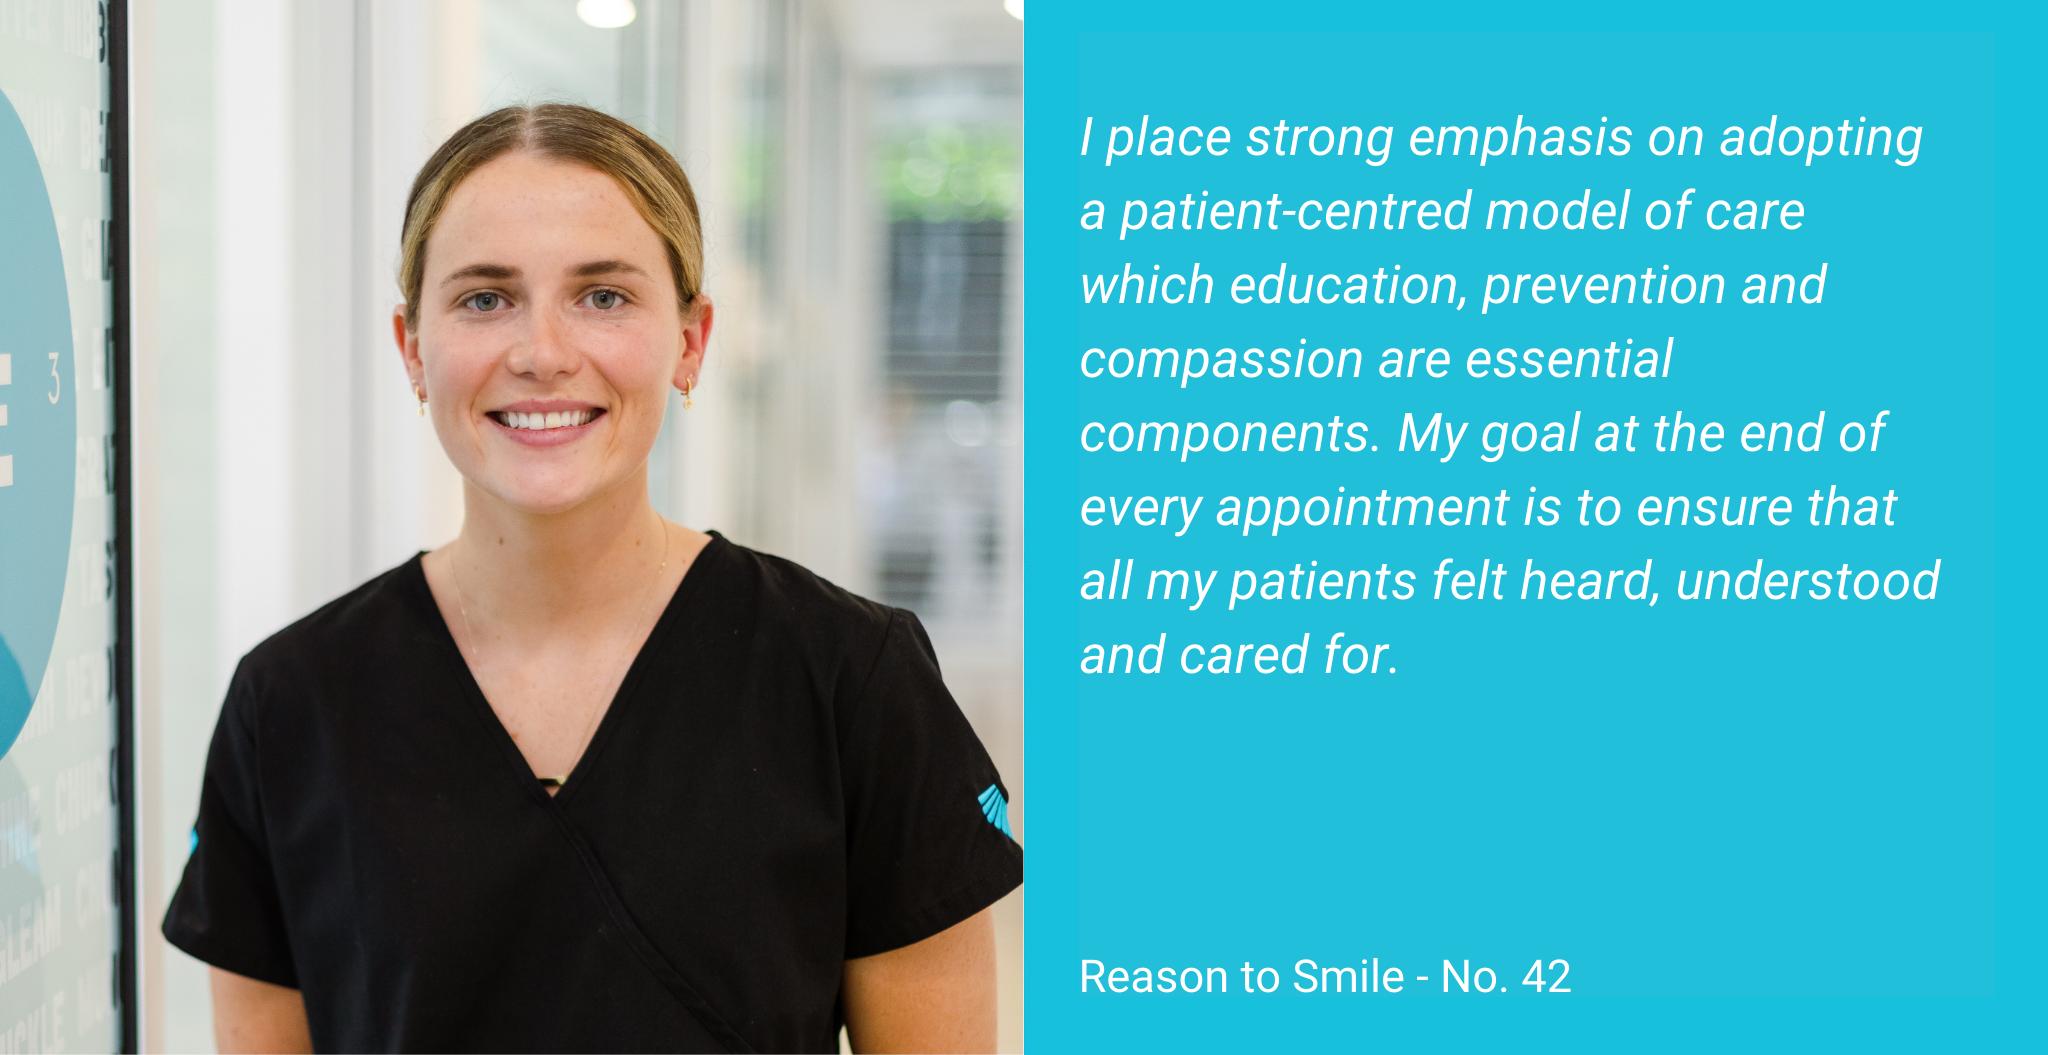 Jessie Johnson is an Oral Health Specialist